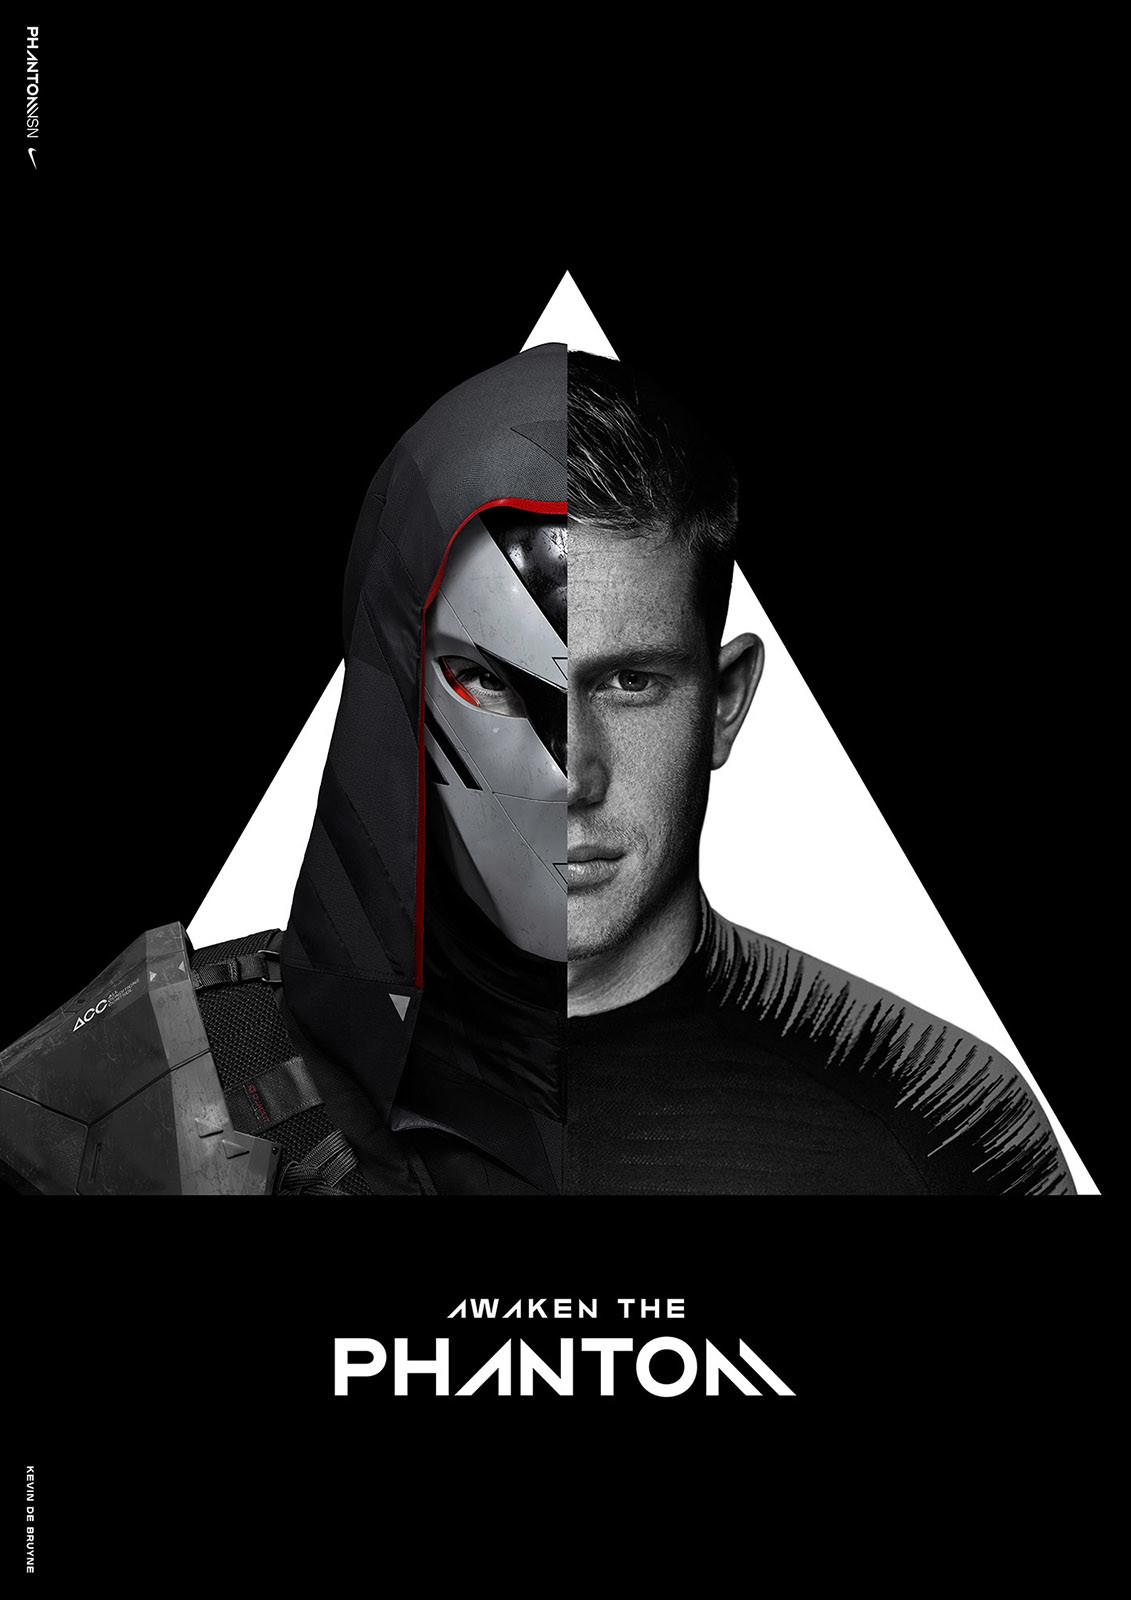 Maciej kuciara fa18 gx kdb alter ego phantom posters assassin 01